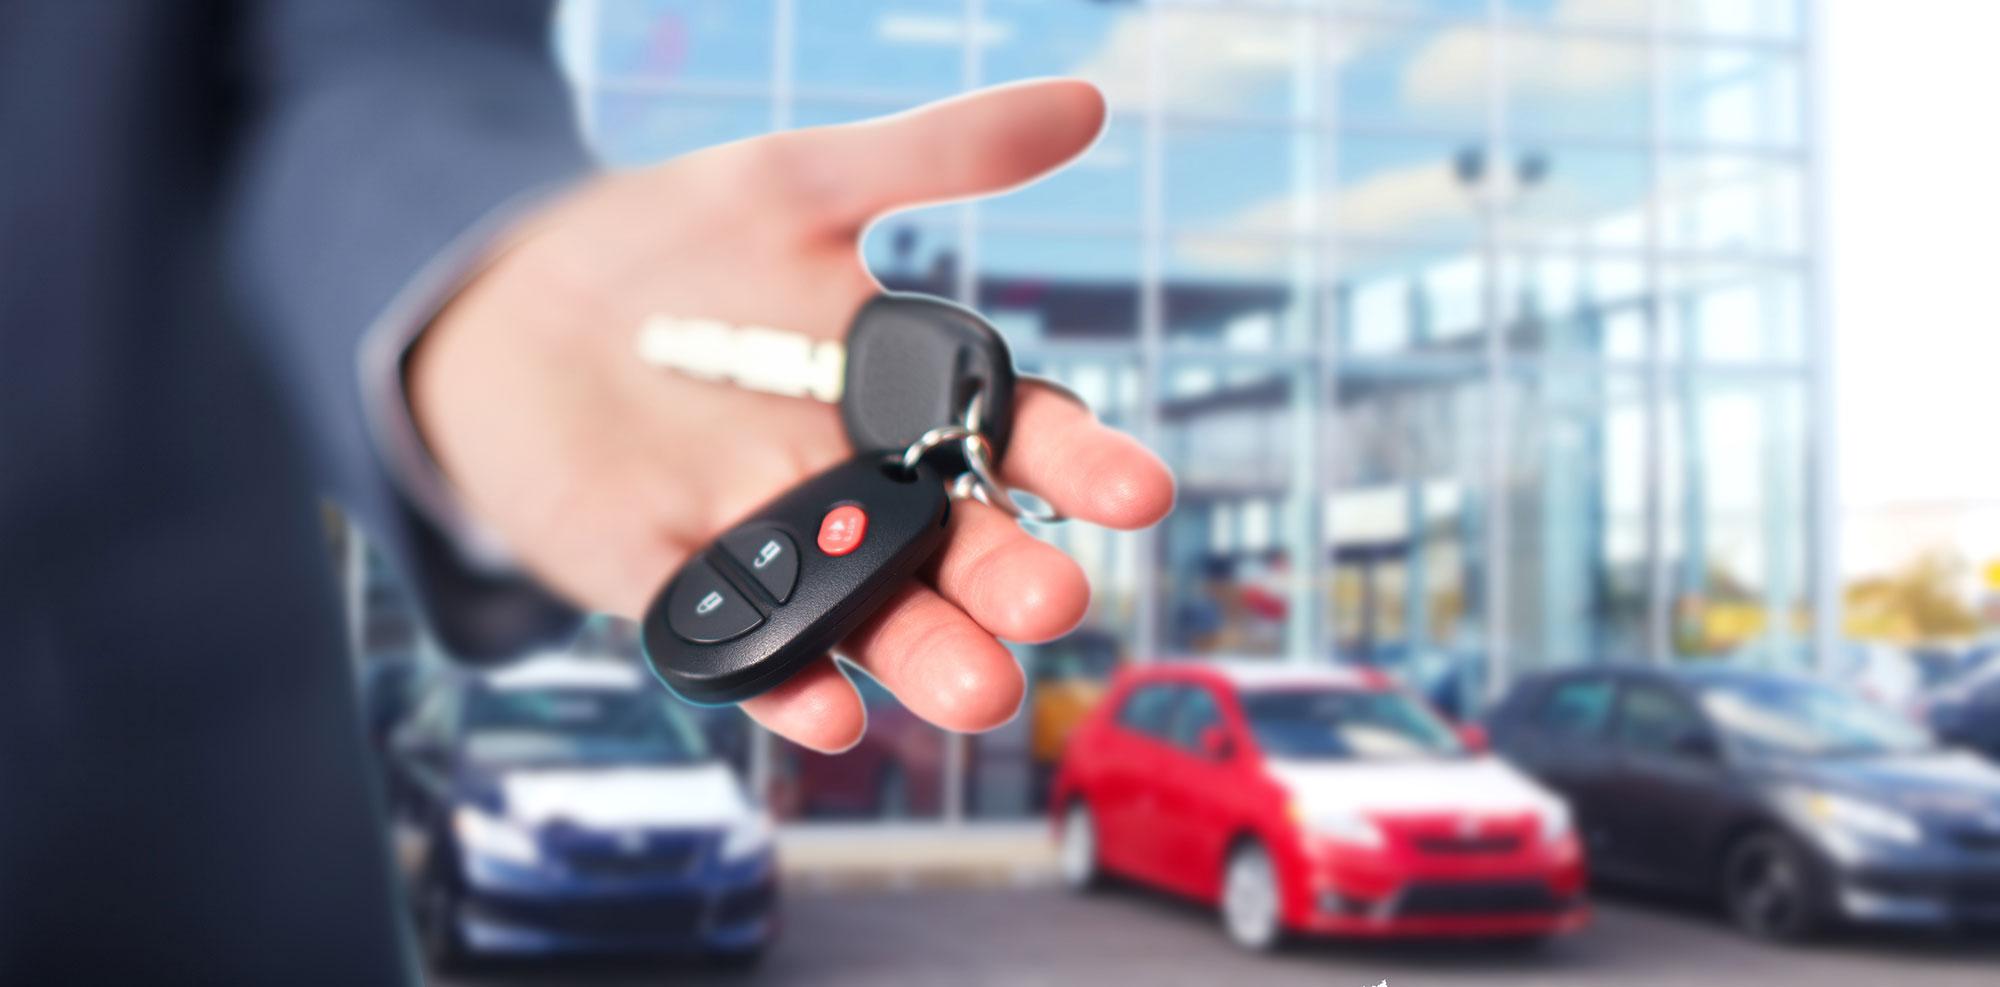 Araç Kiralamada En Çok Tercih Edilen Marka ve Modeller - Yolcu360